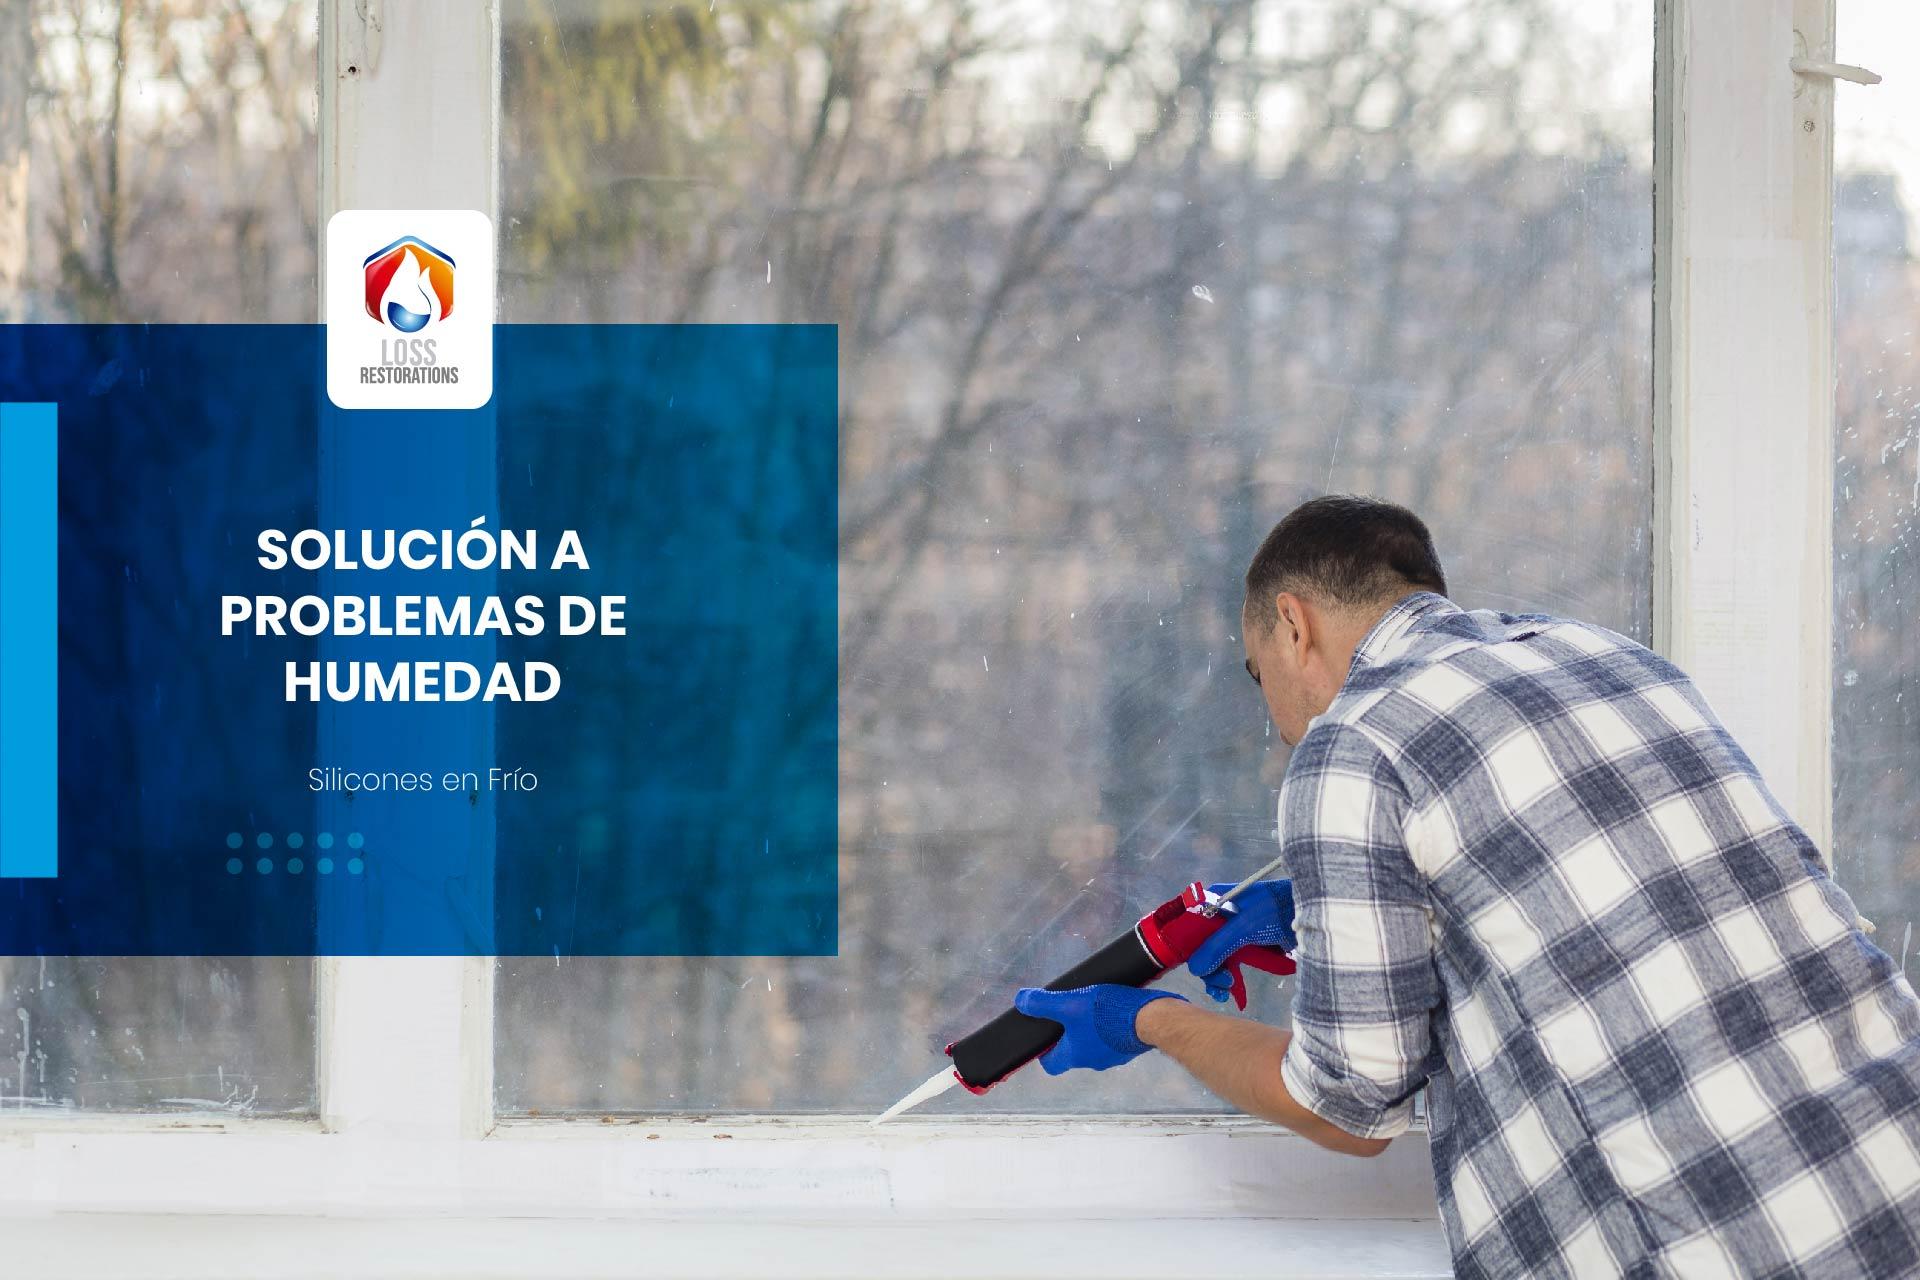 Soluciones a los problemas de humedad en casas y comercios